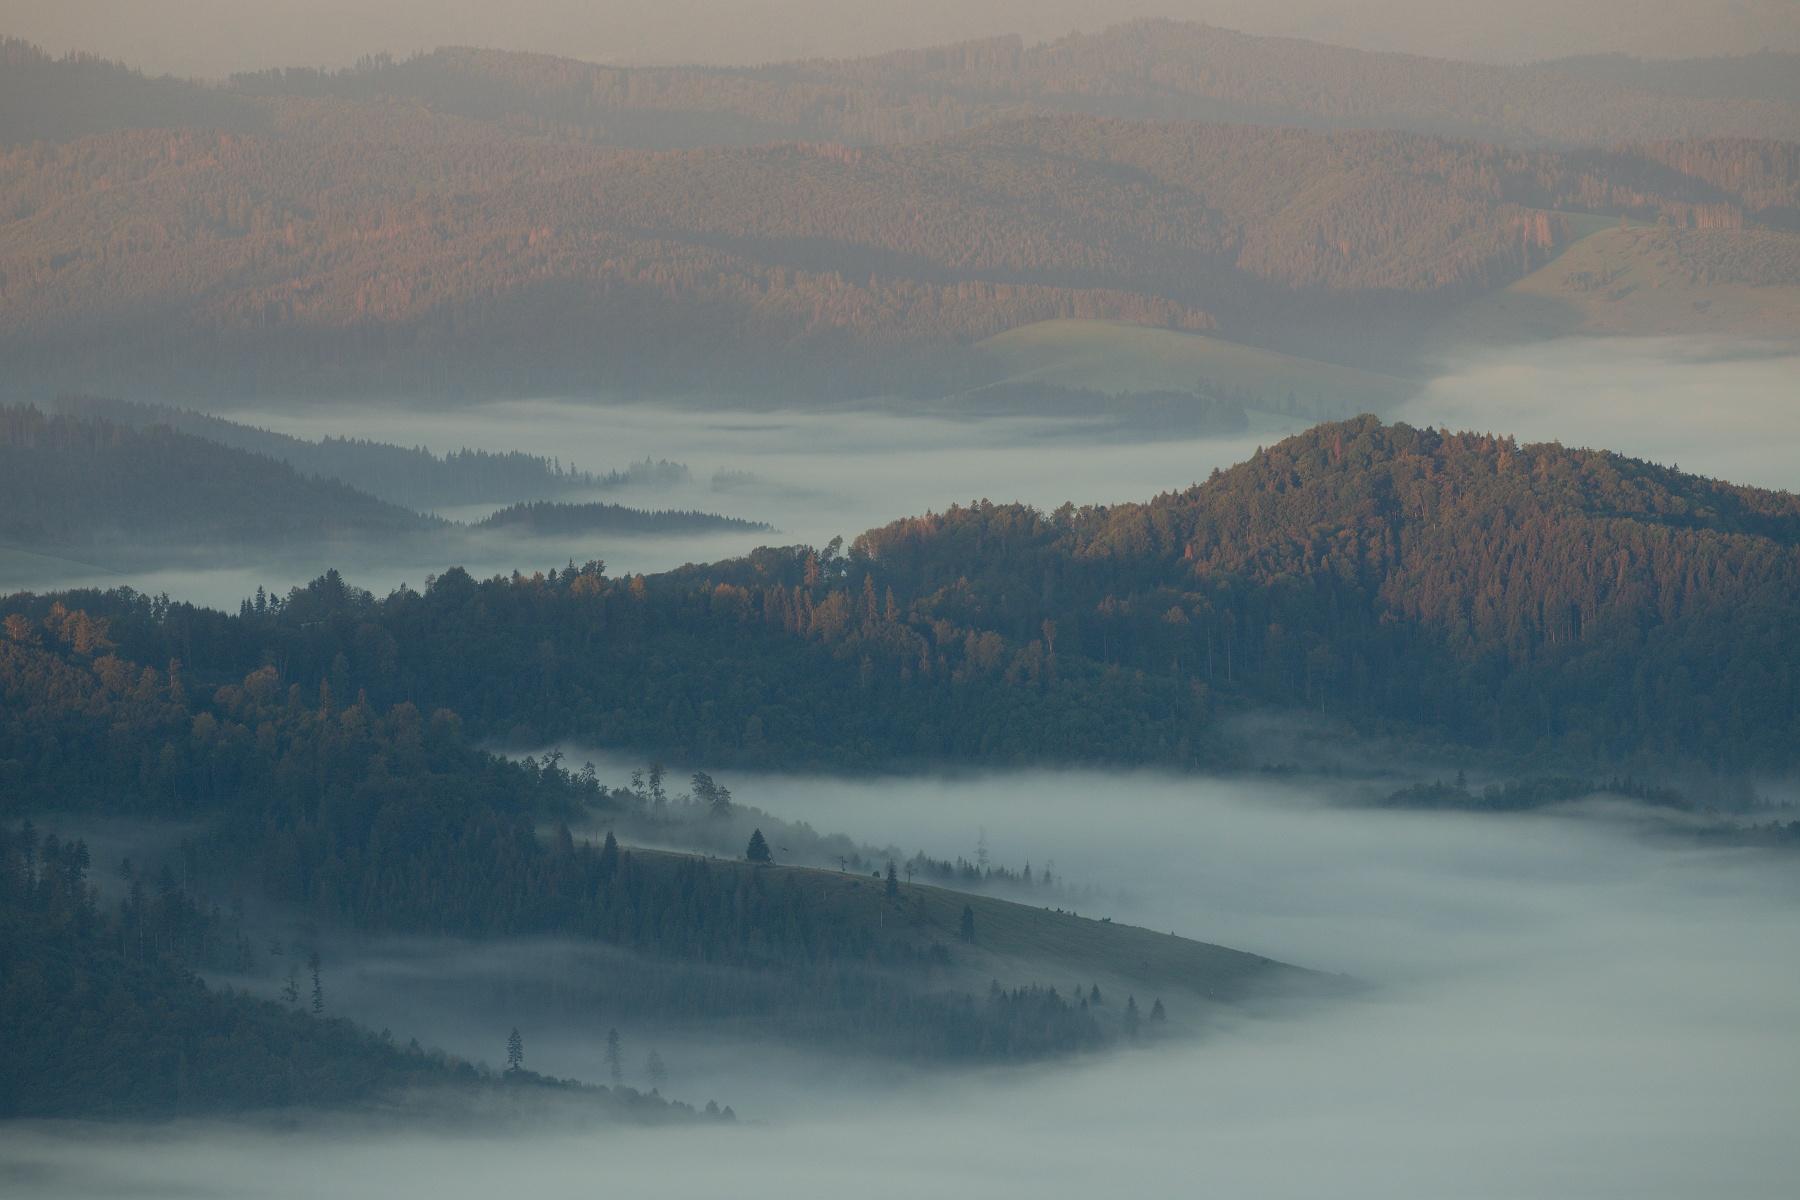 Muránska planina, Slovensko Canon EOS 6D mark II, Canon 100-400mm, f4.5-5.6 L IS II USM, 278 mm, 1/125, f8, ISO 320, 10. september 2020